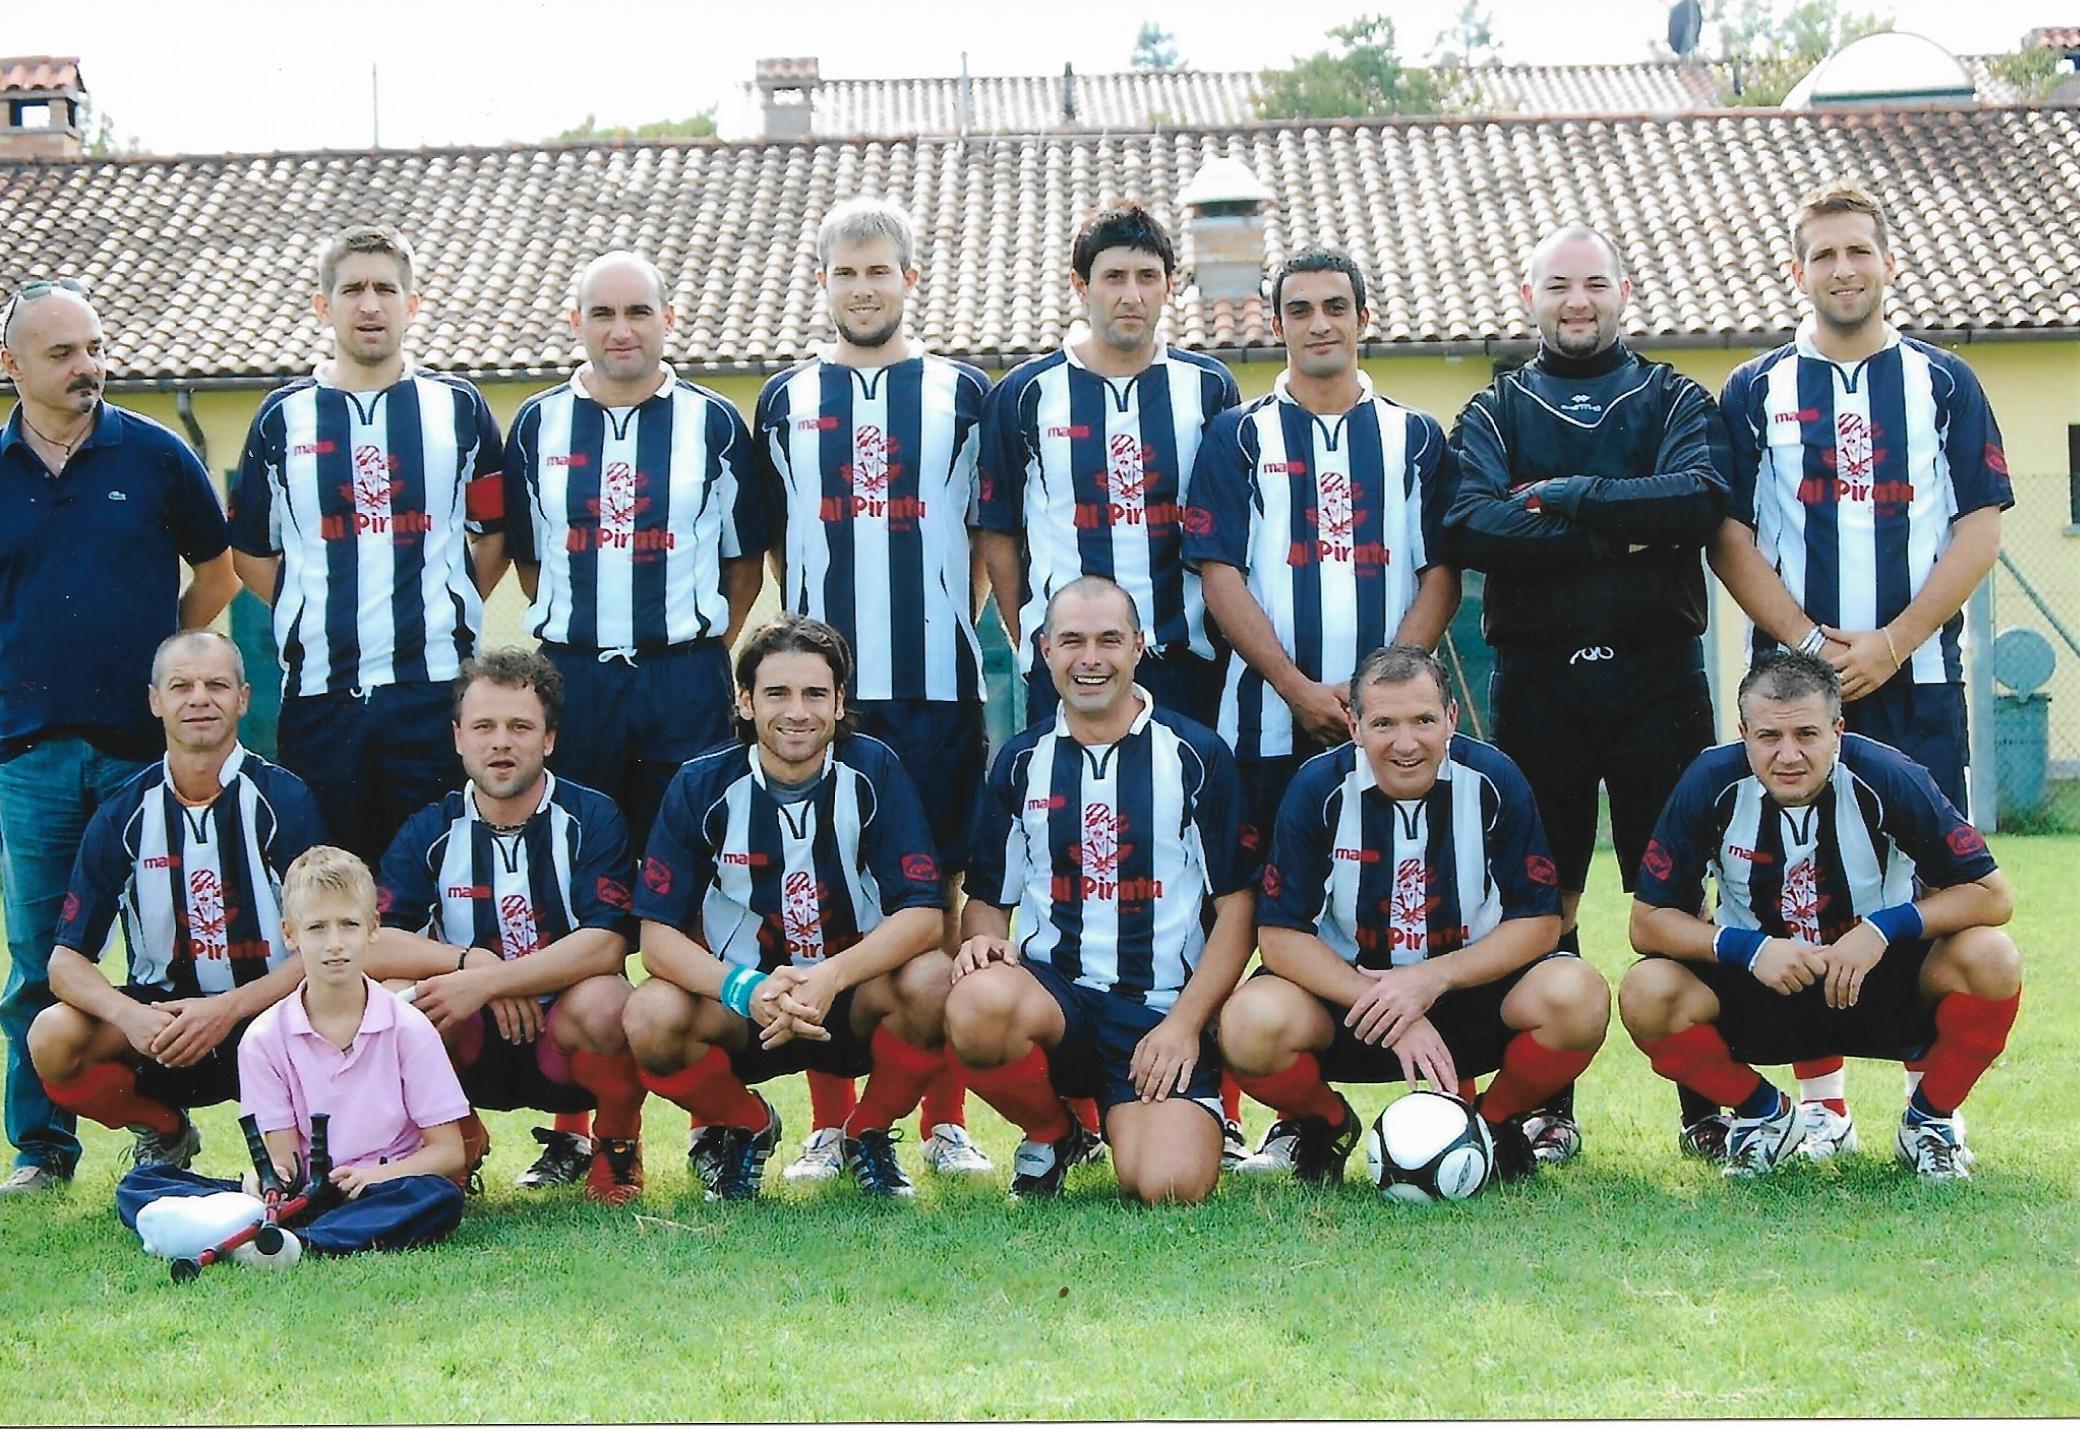 Calcio Crald 49